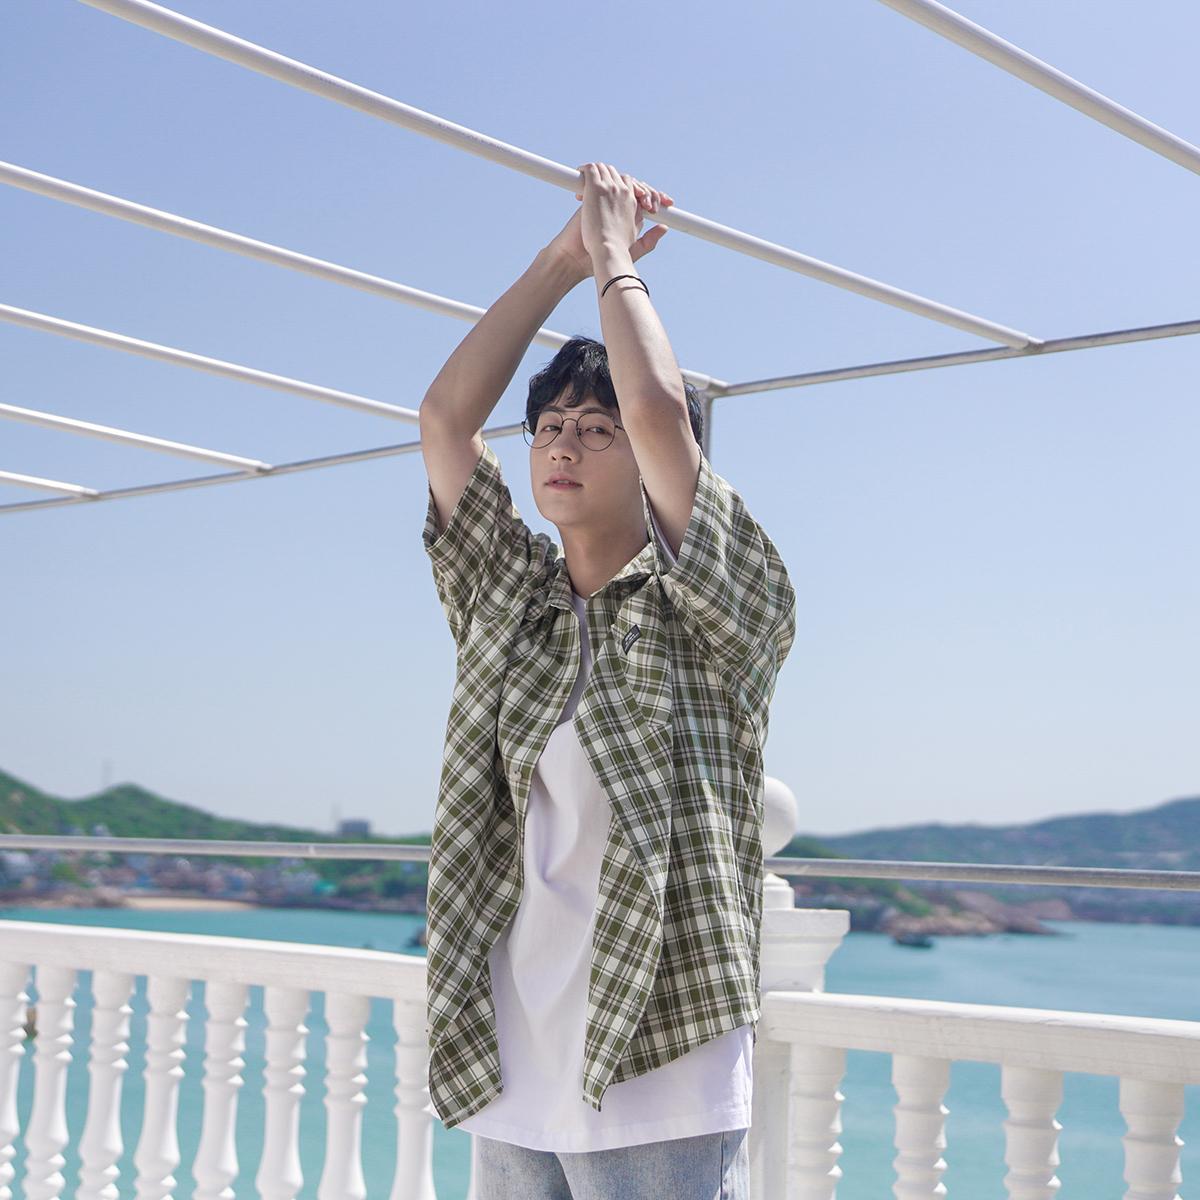 2020夏装男士格子短袖衬衫韩版宽松小清新基础款百搭夏日半袖衬衣